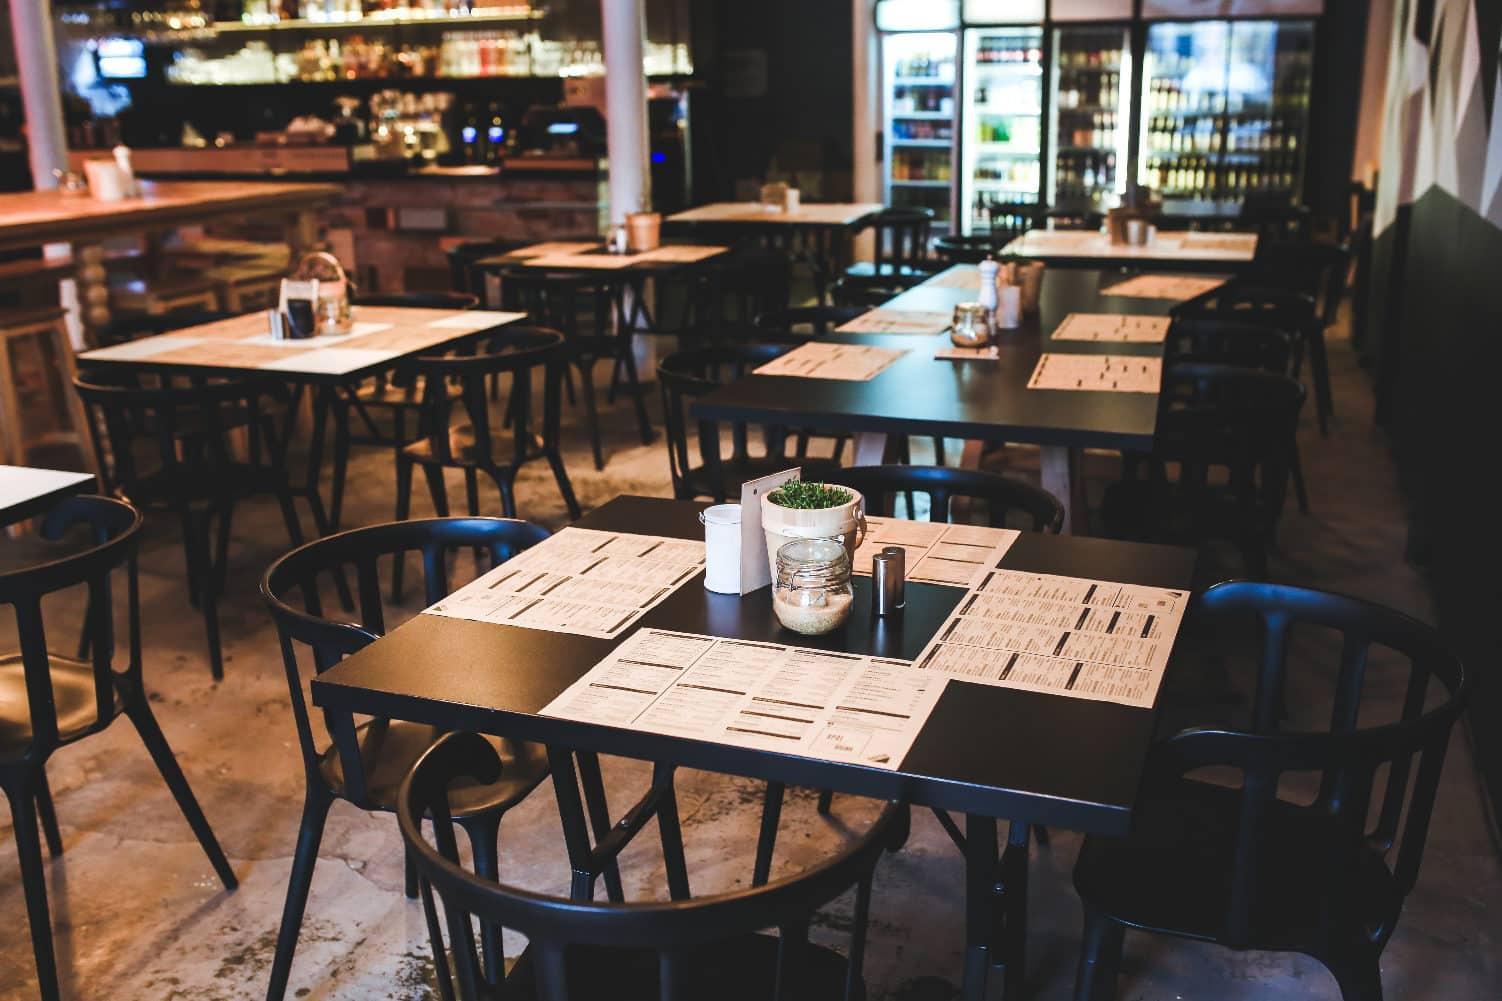 Urządzasz kawiarnię? Sprawdź jakie meble, stoliki dokawiarni warto mieć